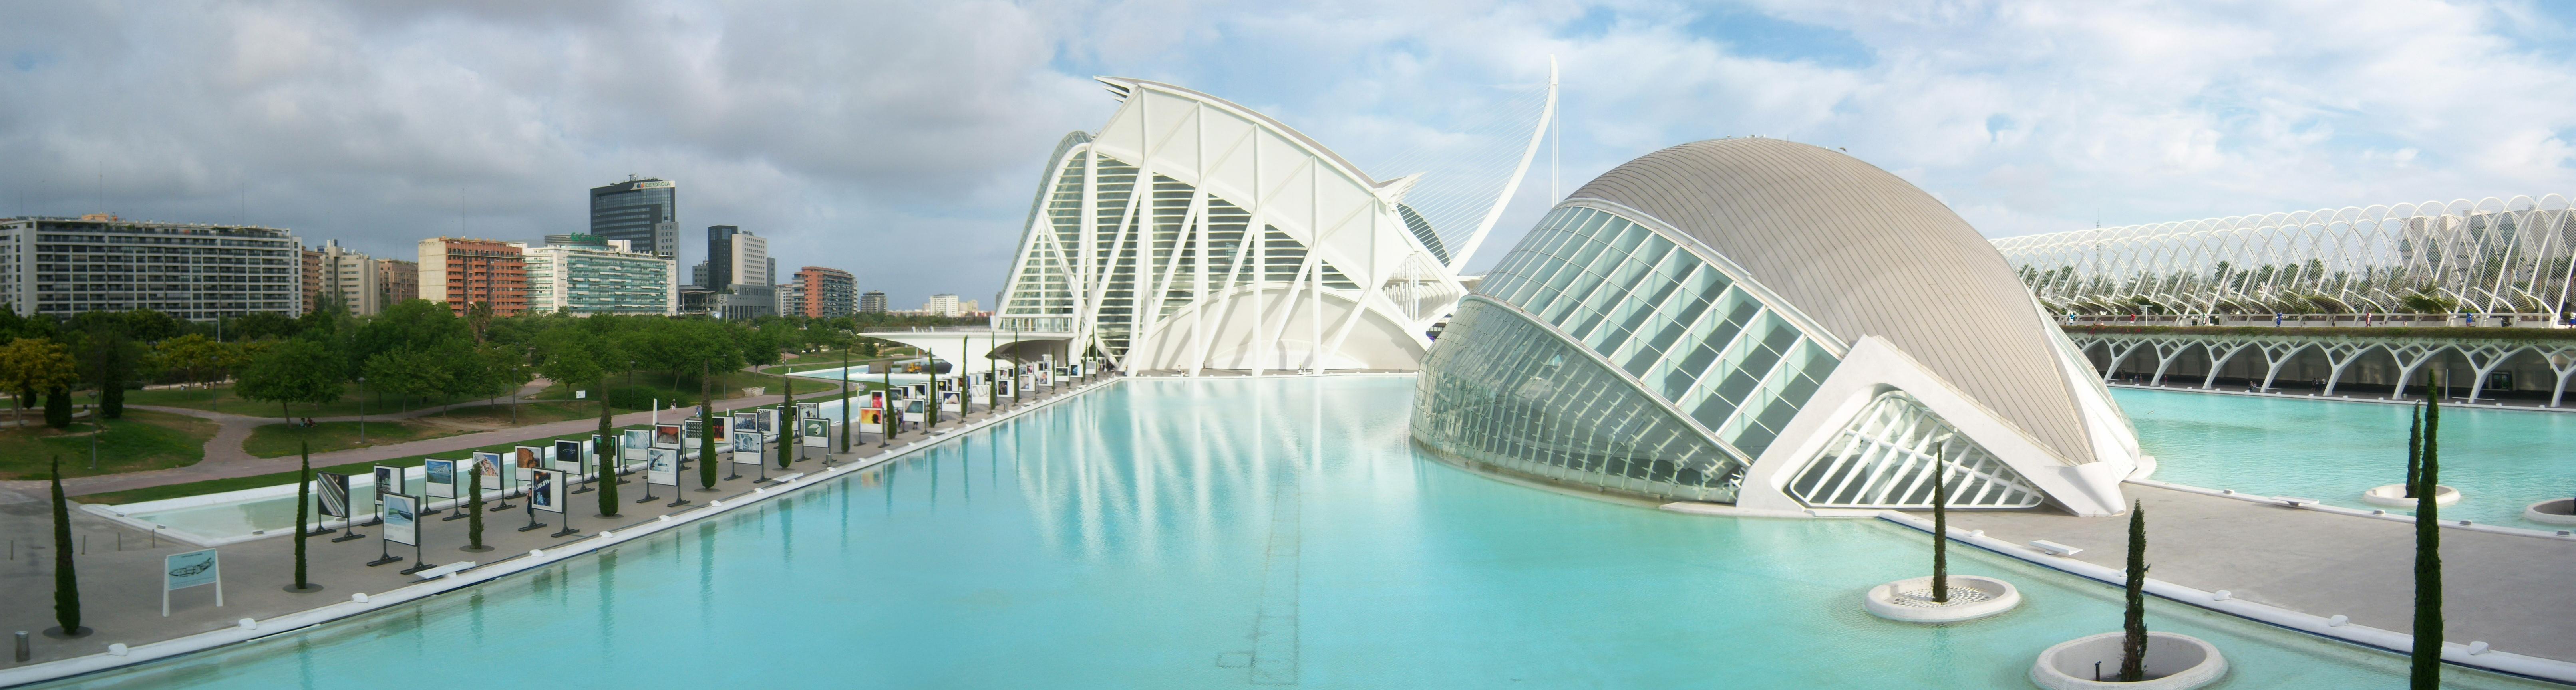 Prince Felipe Museum Of Science Panorama